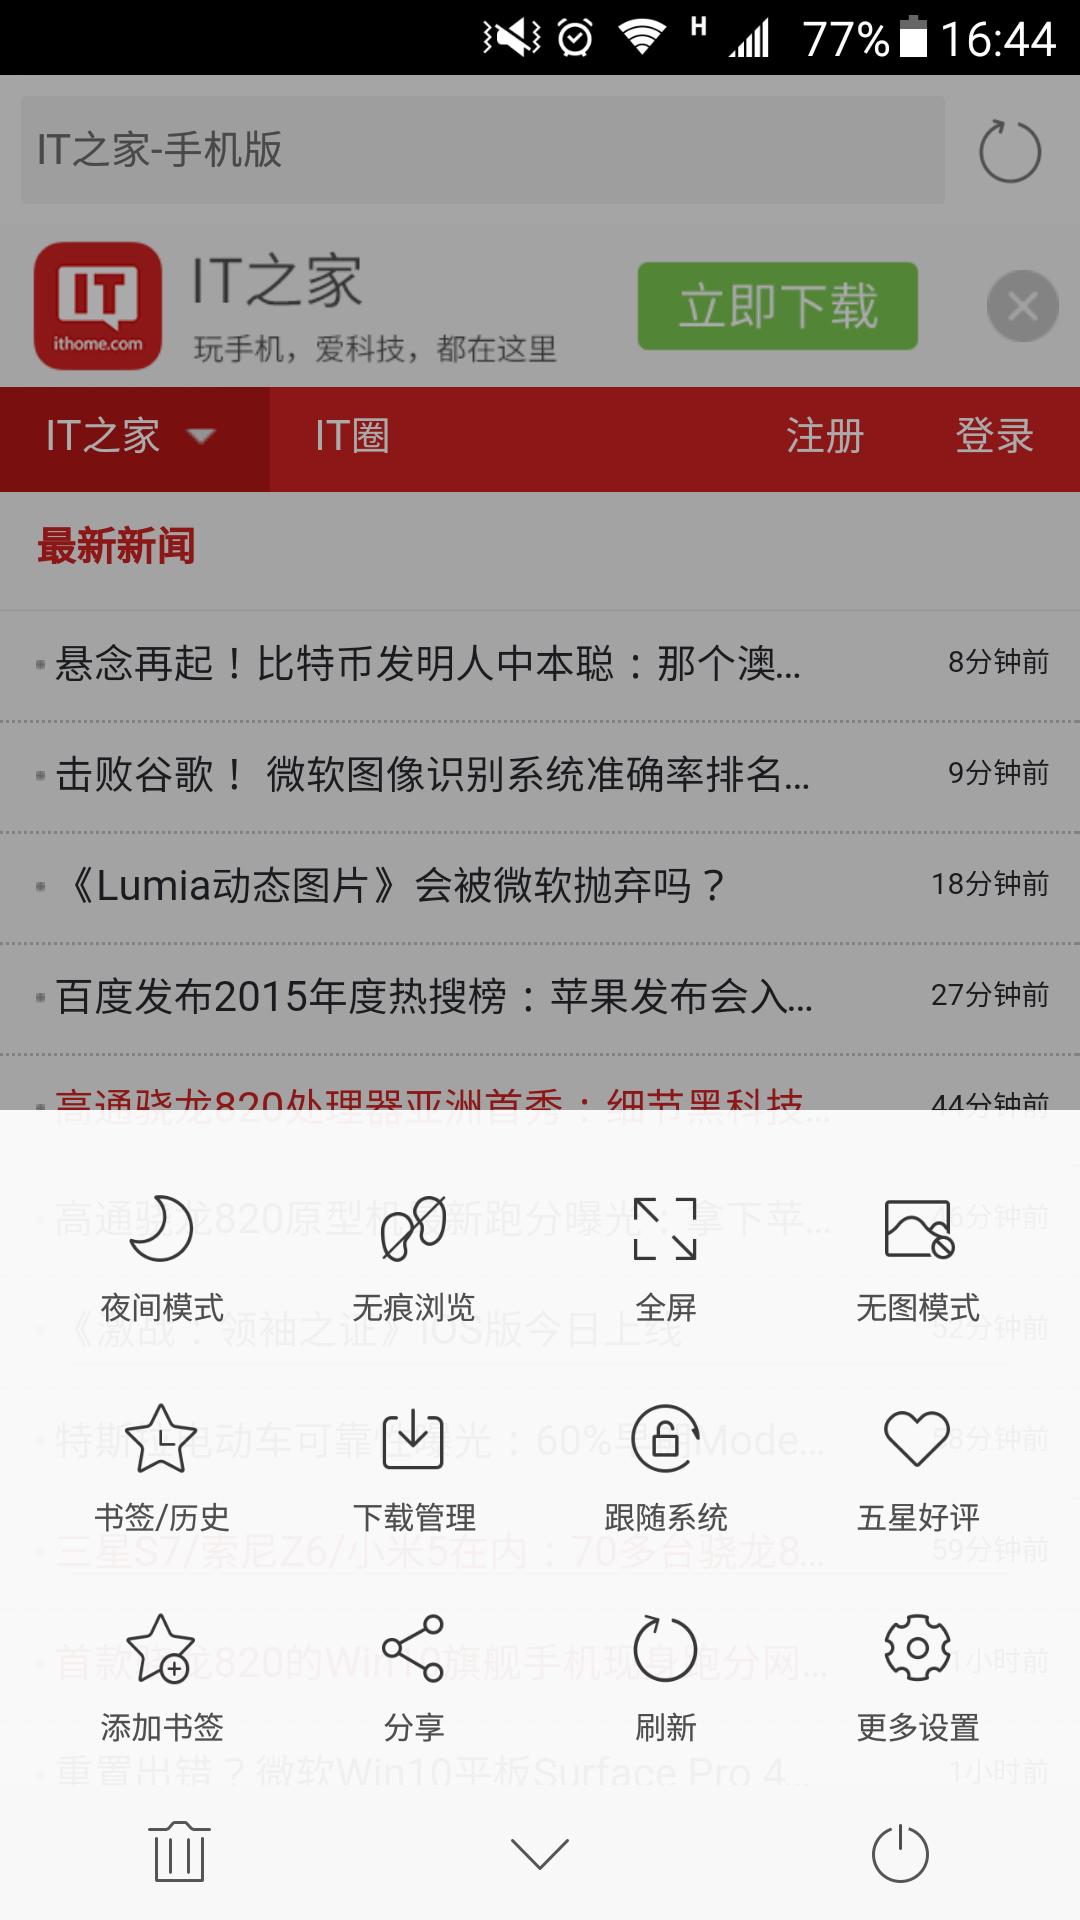 旗鱼浏览器安卓版(旗鱼浏览器)截图